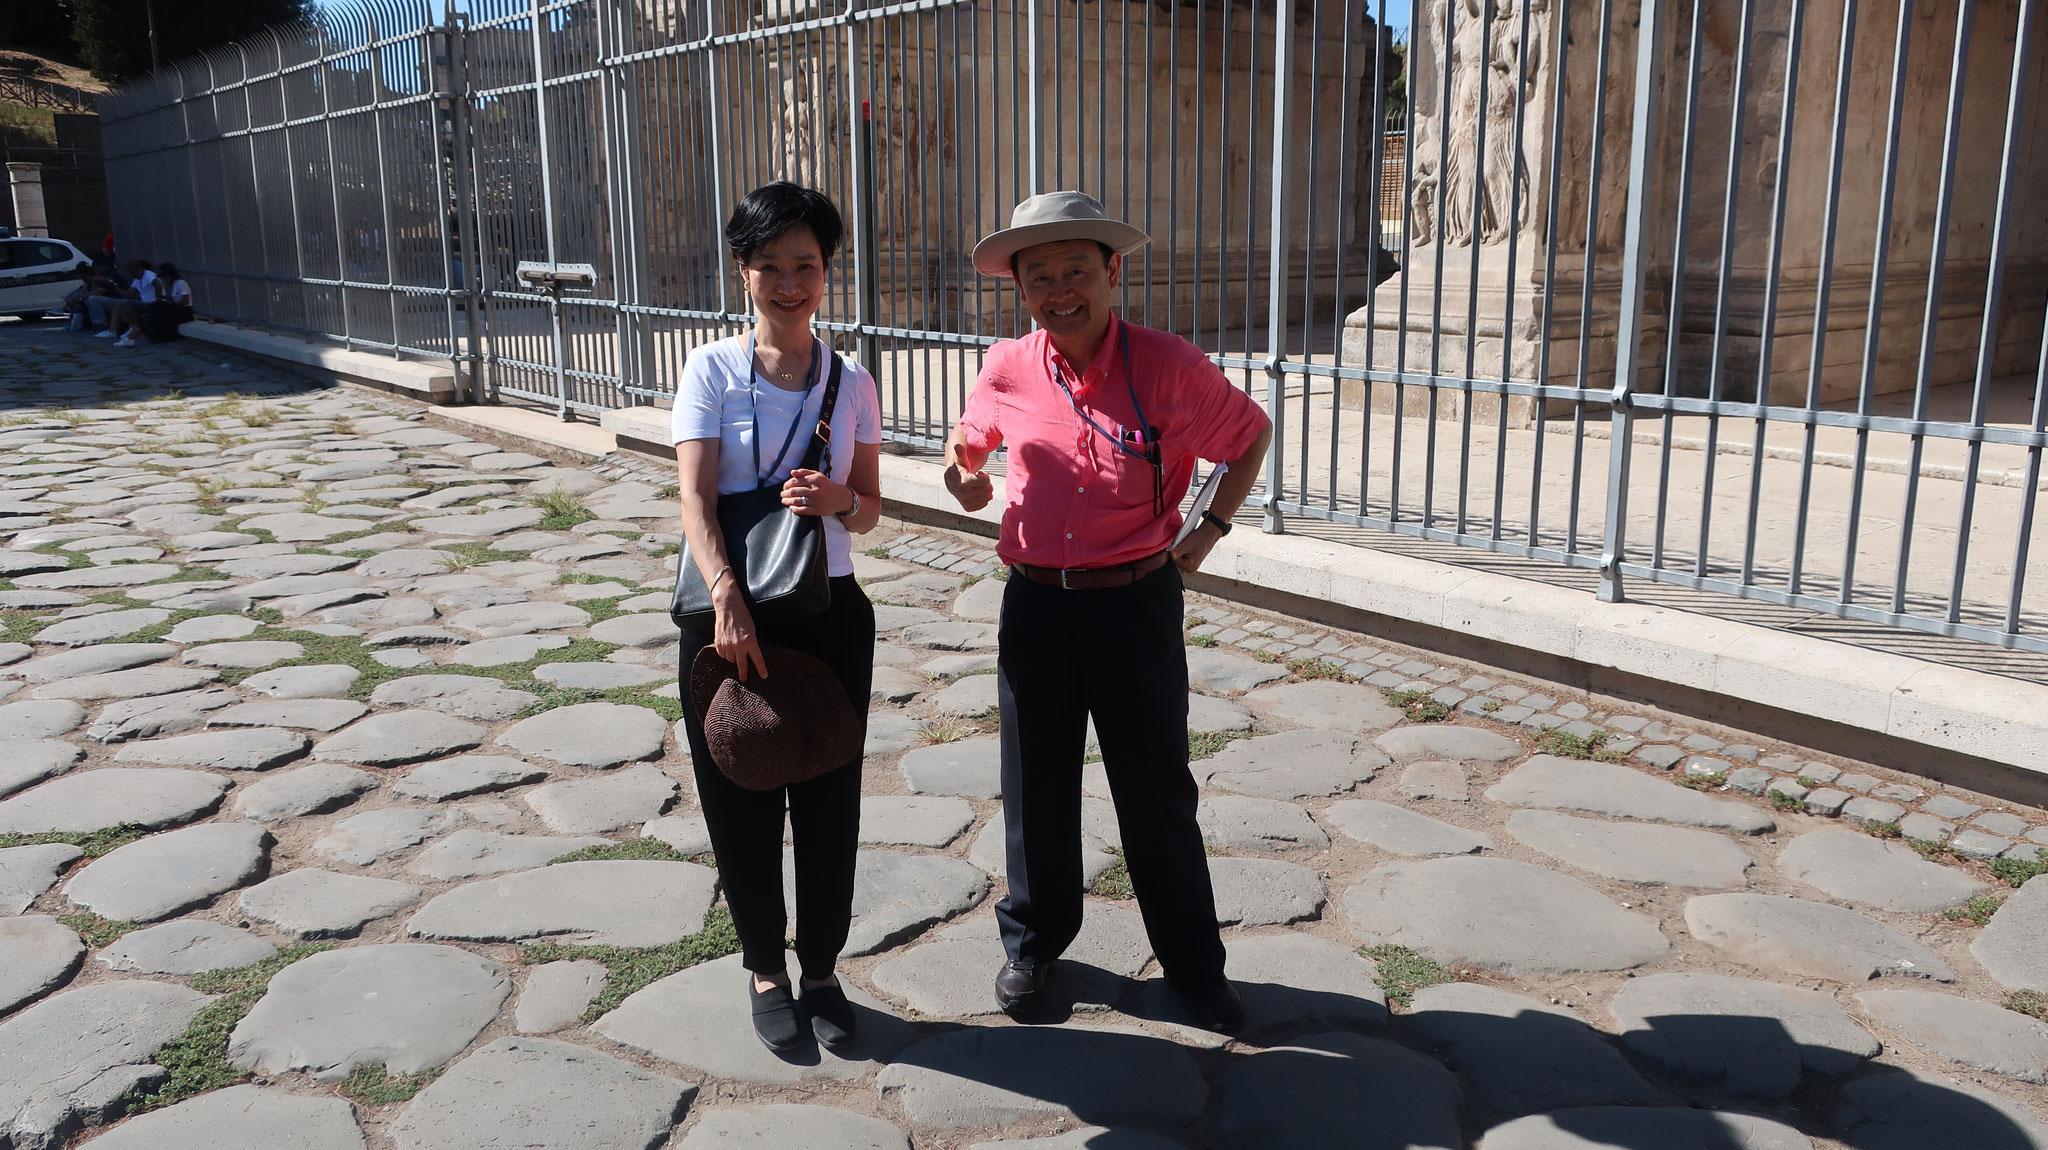 ローマ帝国時代の石畳。コンスタンティヌス帝の凱旋門の前。